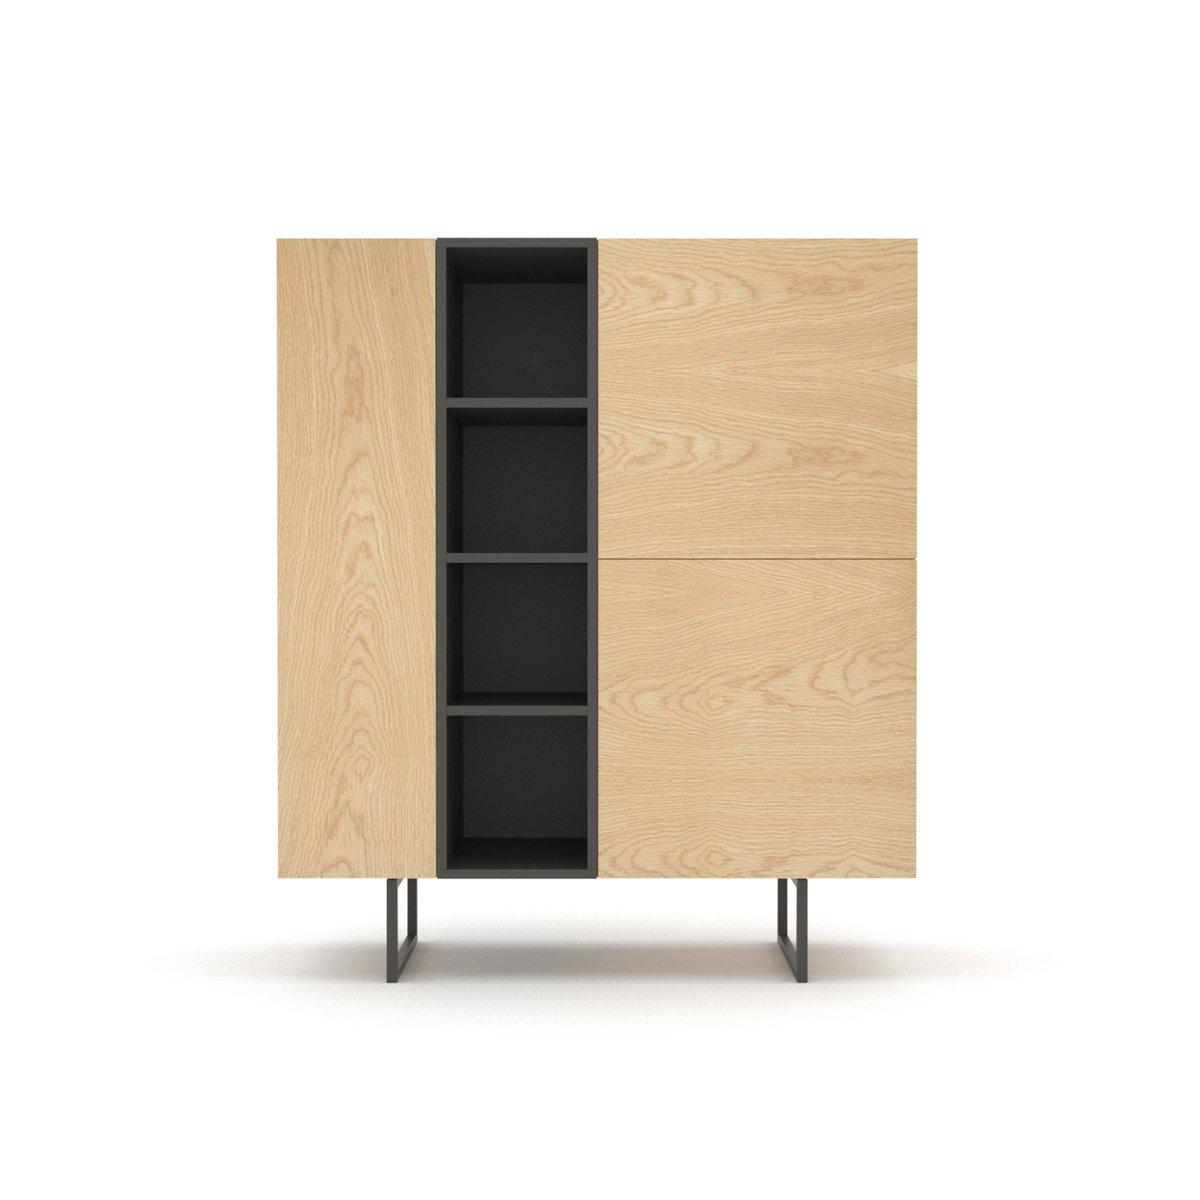 Schrank Im Wohnzimmer: Kommode Sideboard Highboard Anrichte Wohnzimmer Schrank